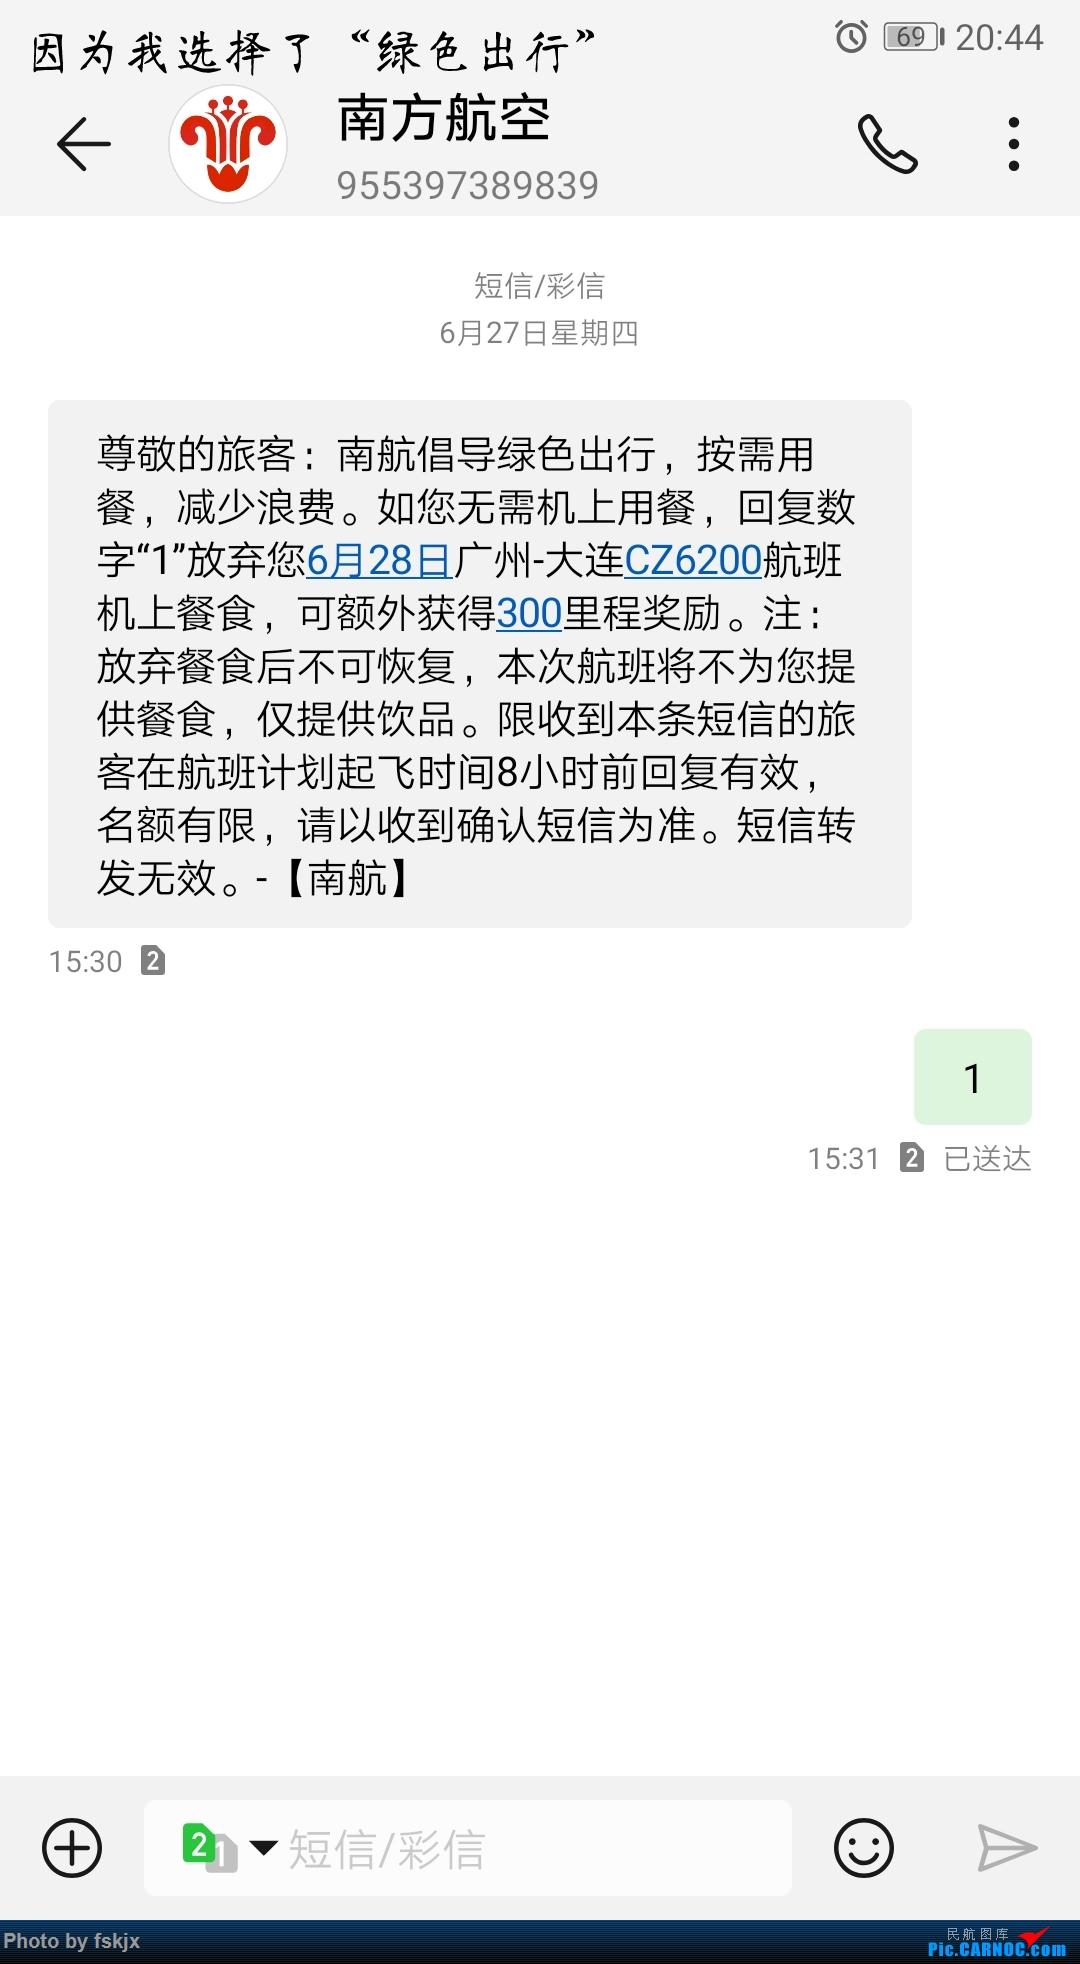 【fskjx的飞行游记☆77】北方明珠·大连    中国广州白云国际机场